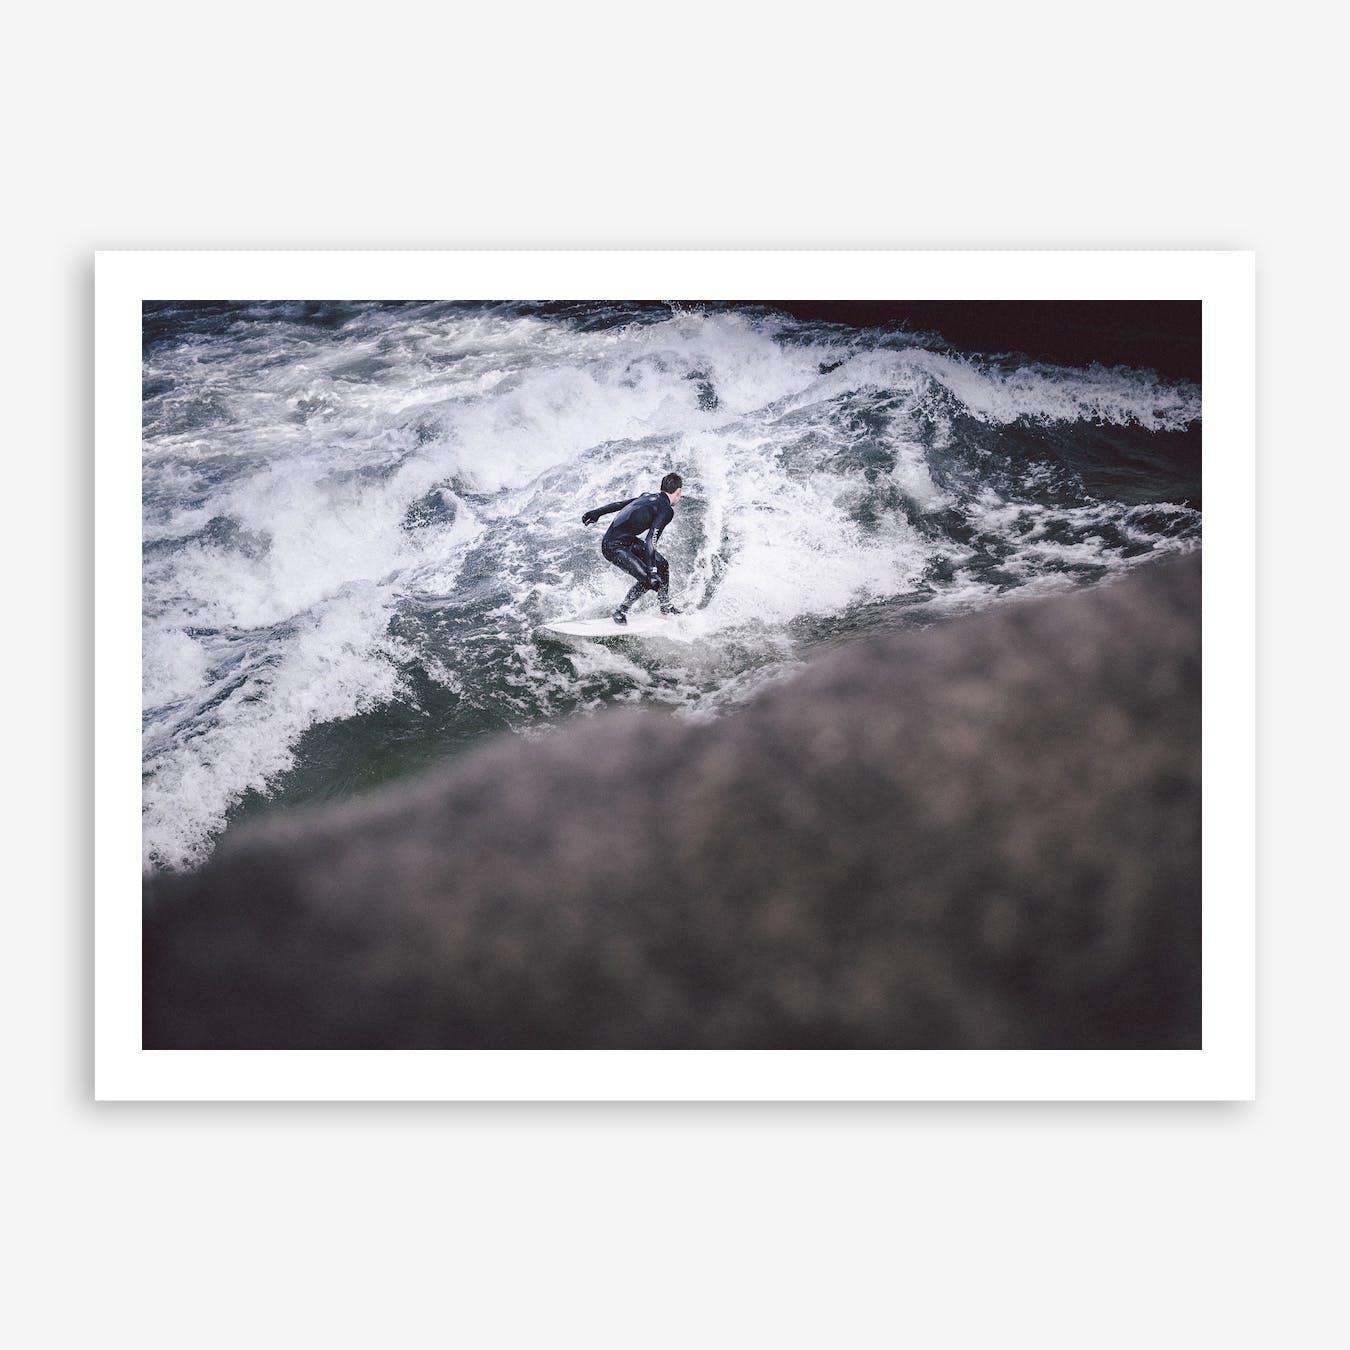 Winter x Surf